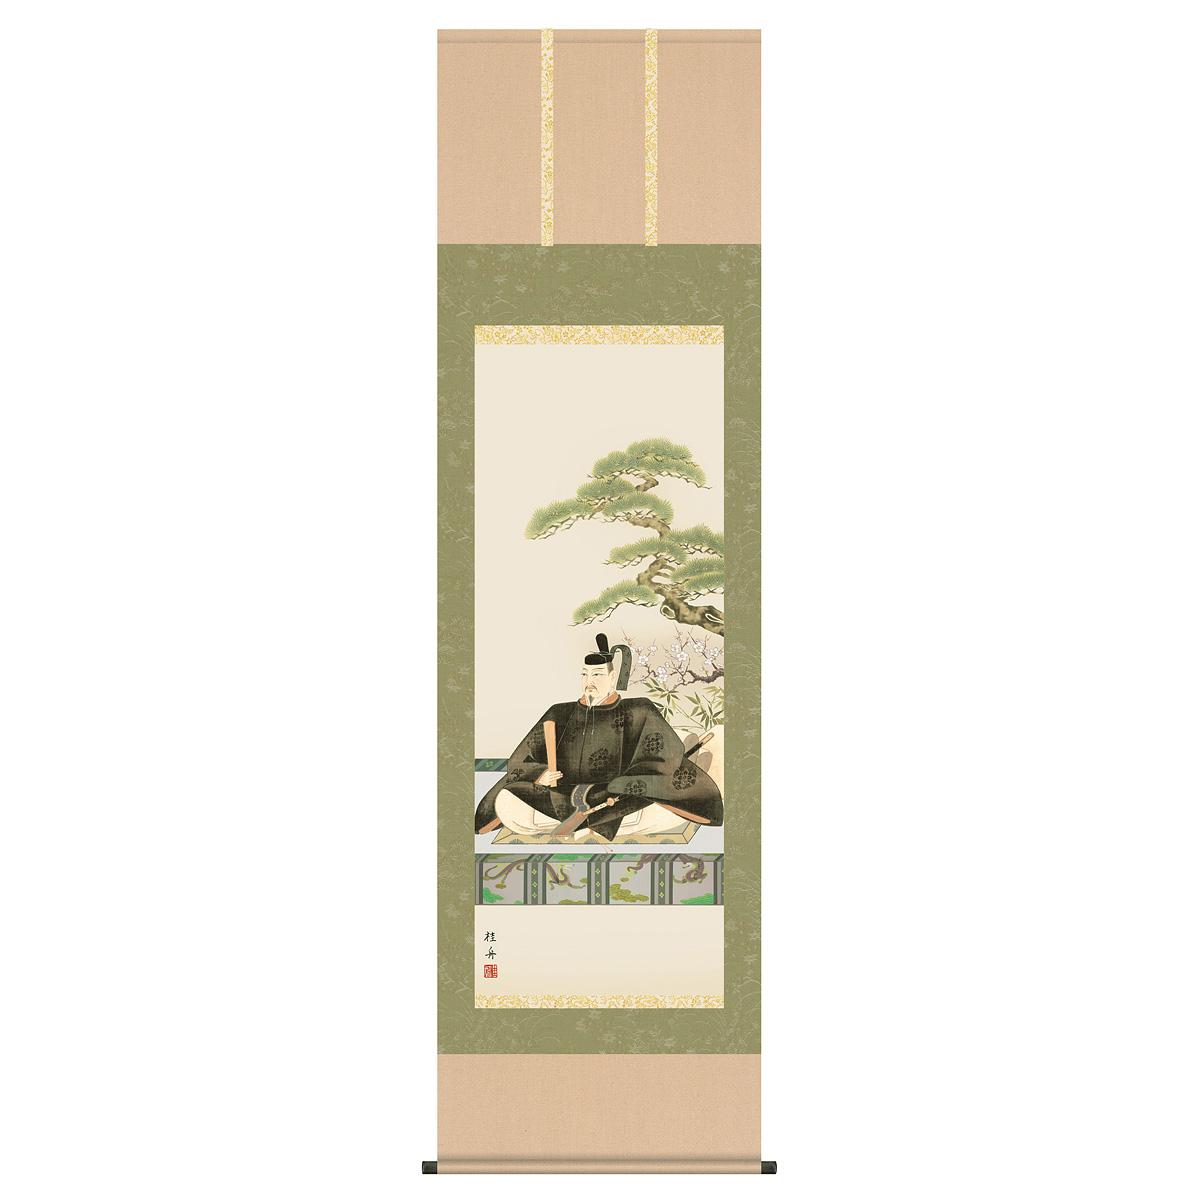 節句 正月 掛け軸 「長江桂舟(三美会)作 天神 掛け軸」2019年雛人形 ●正月飾り